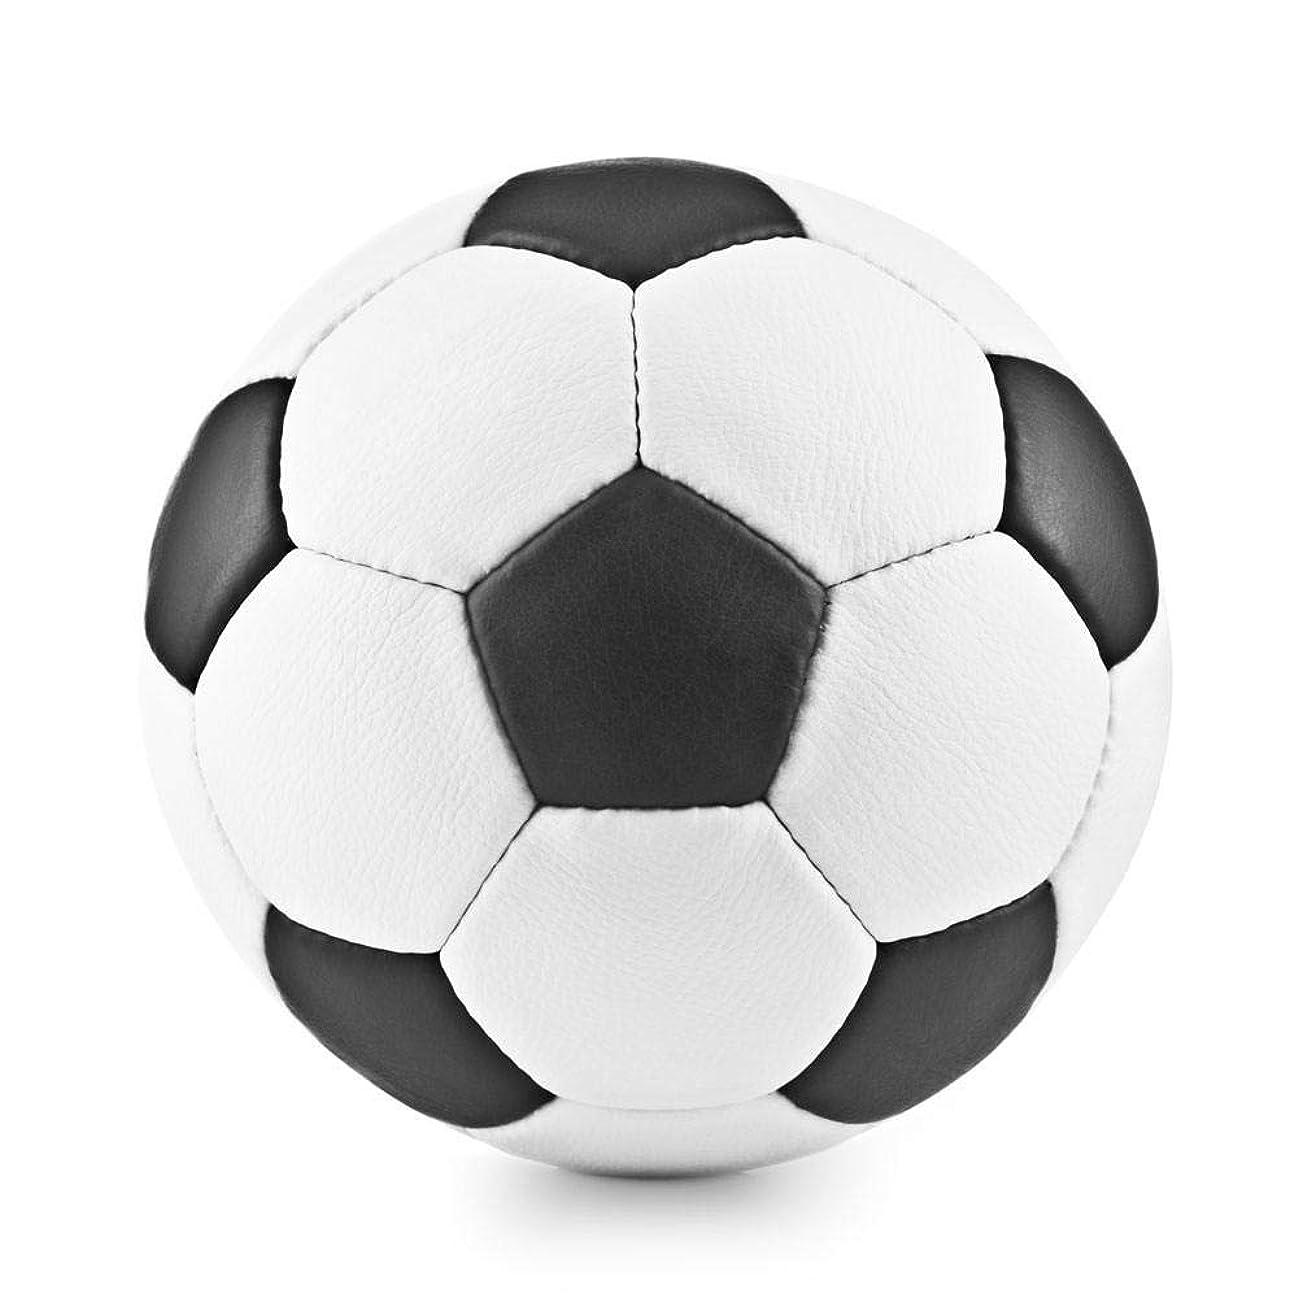 達成可能制限された調停者Wcup サッカーボール 検定球 4号(小学生用) 5号(大人用) 2号(ベビー用) 3号(幼児用)